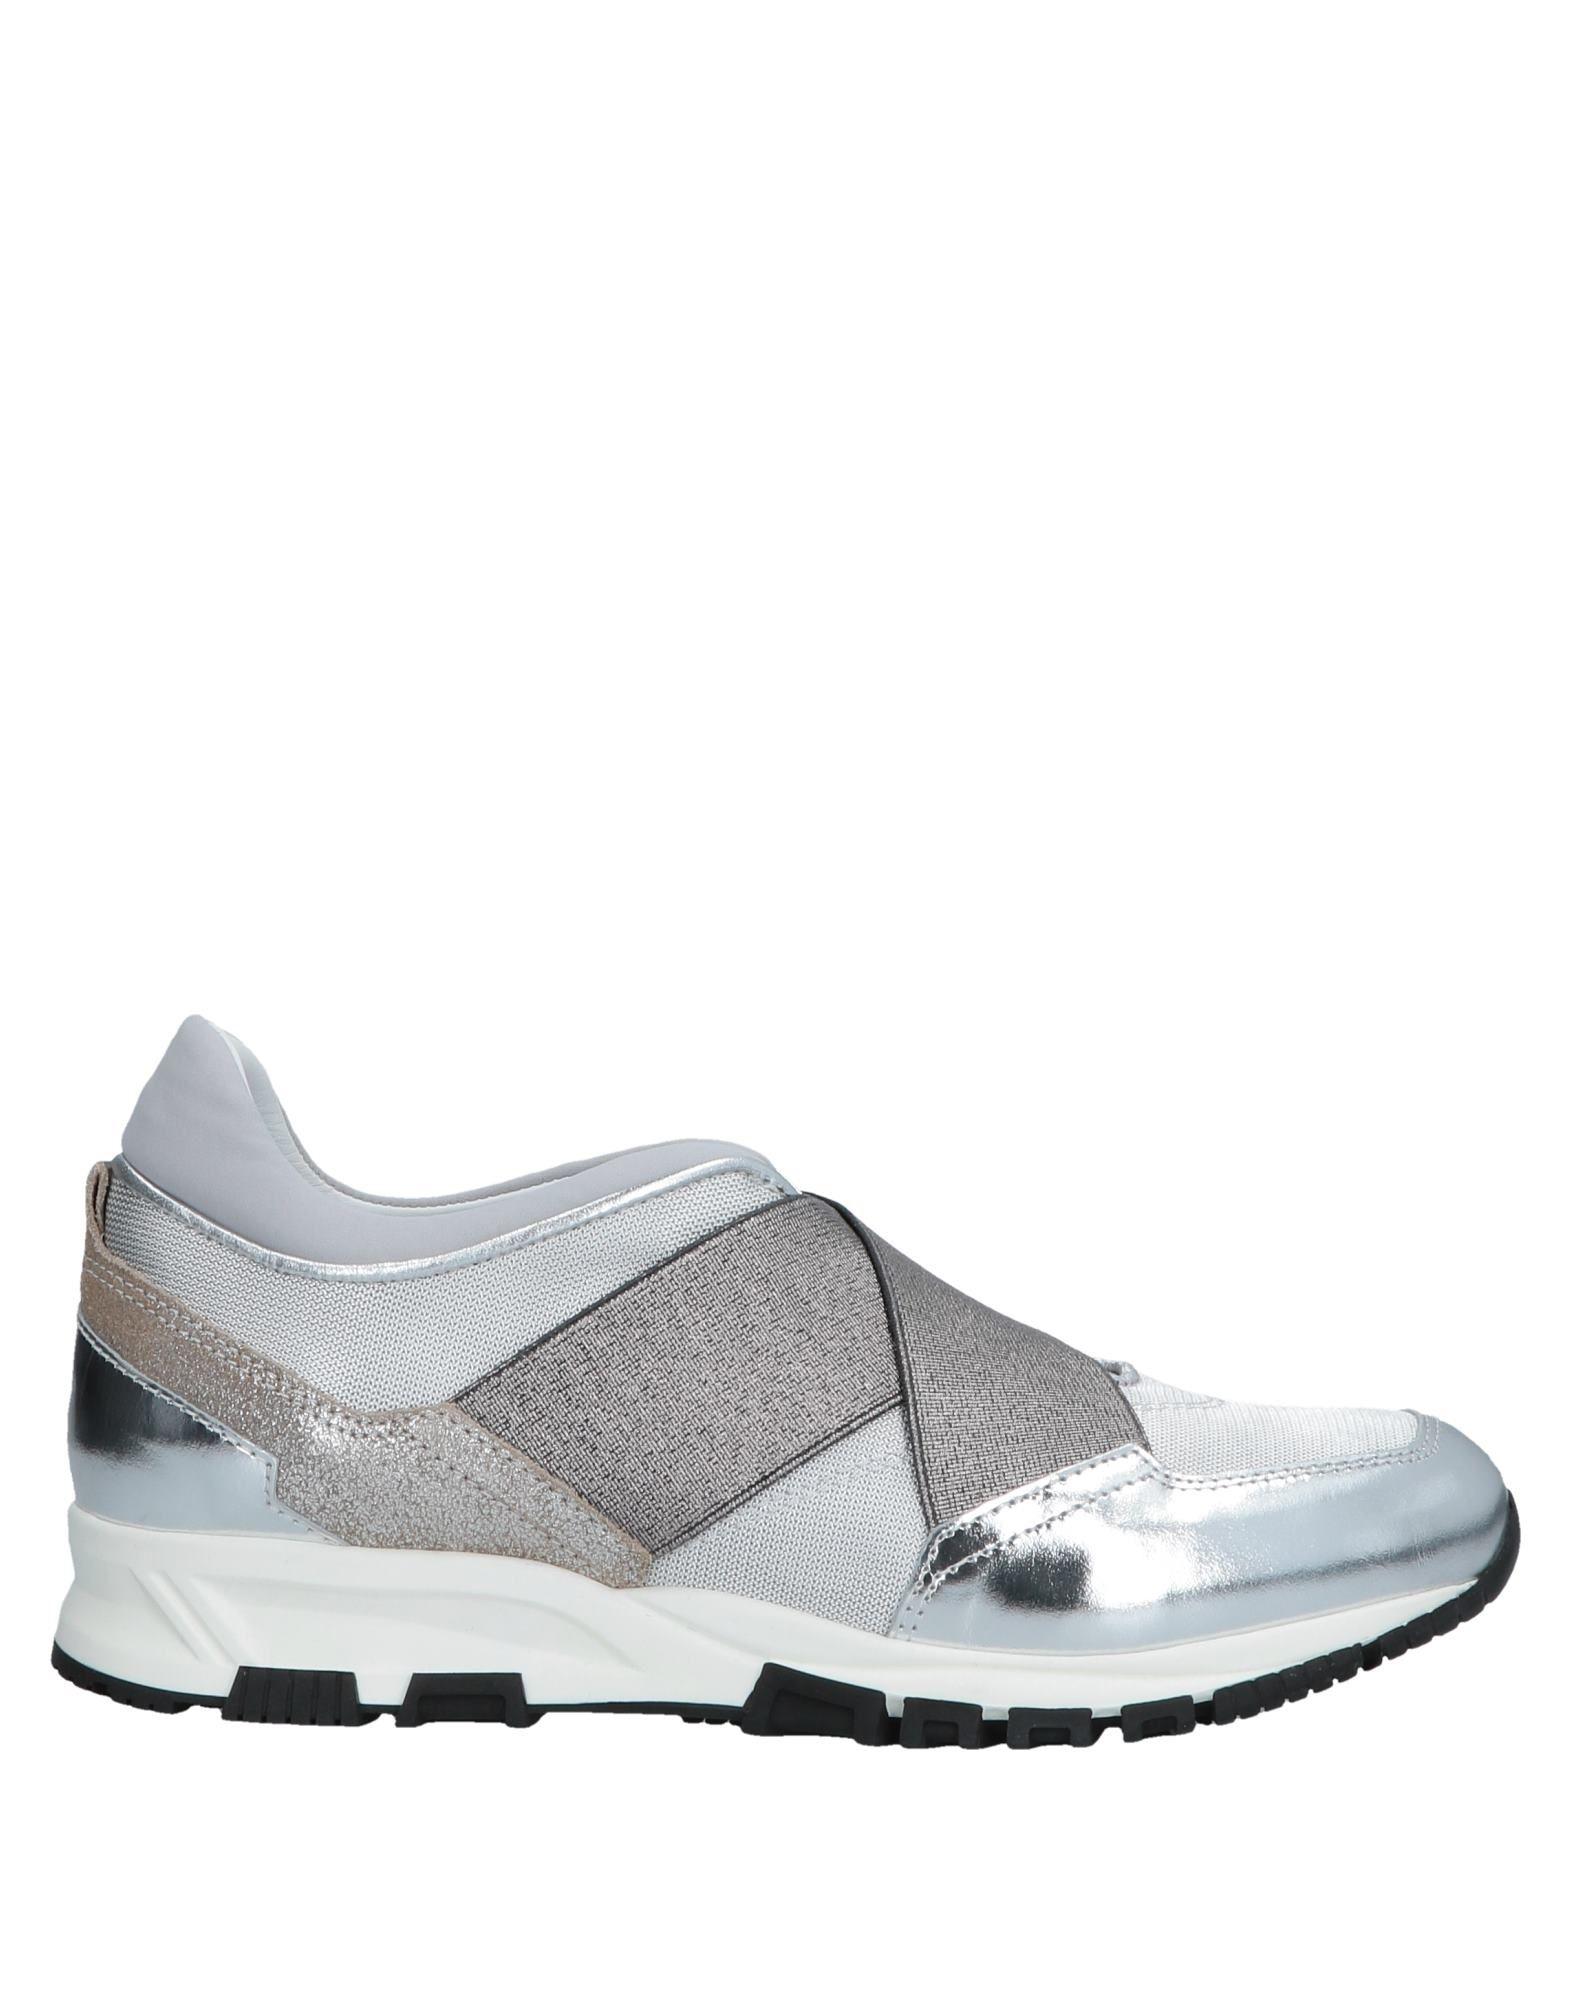 Lanvin Sneakers - Women Lanvin Sneakers - online on  Australia - Sneakers 11572488LV d4dbed